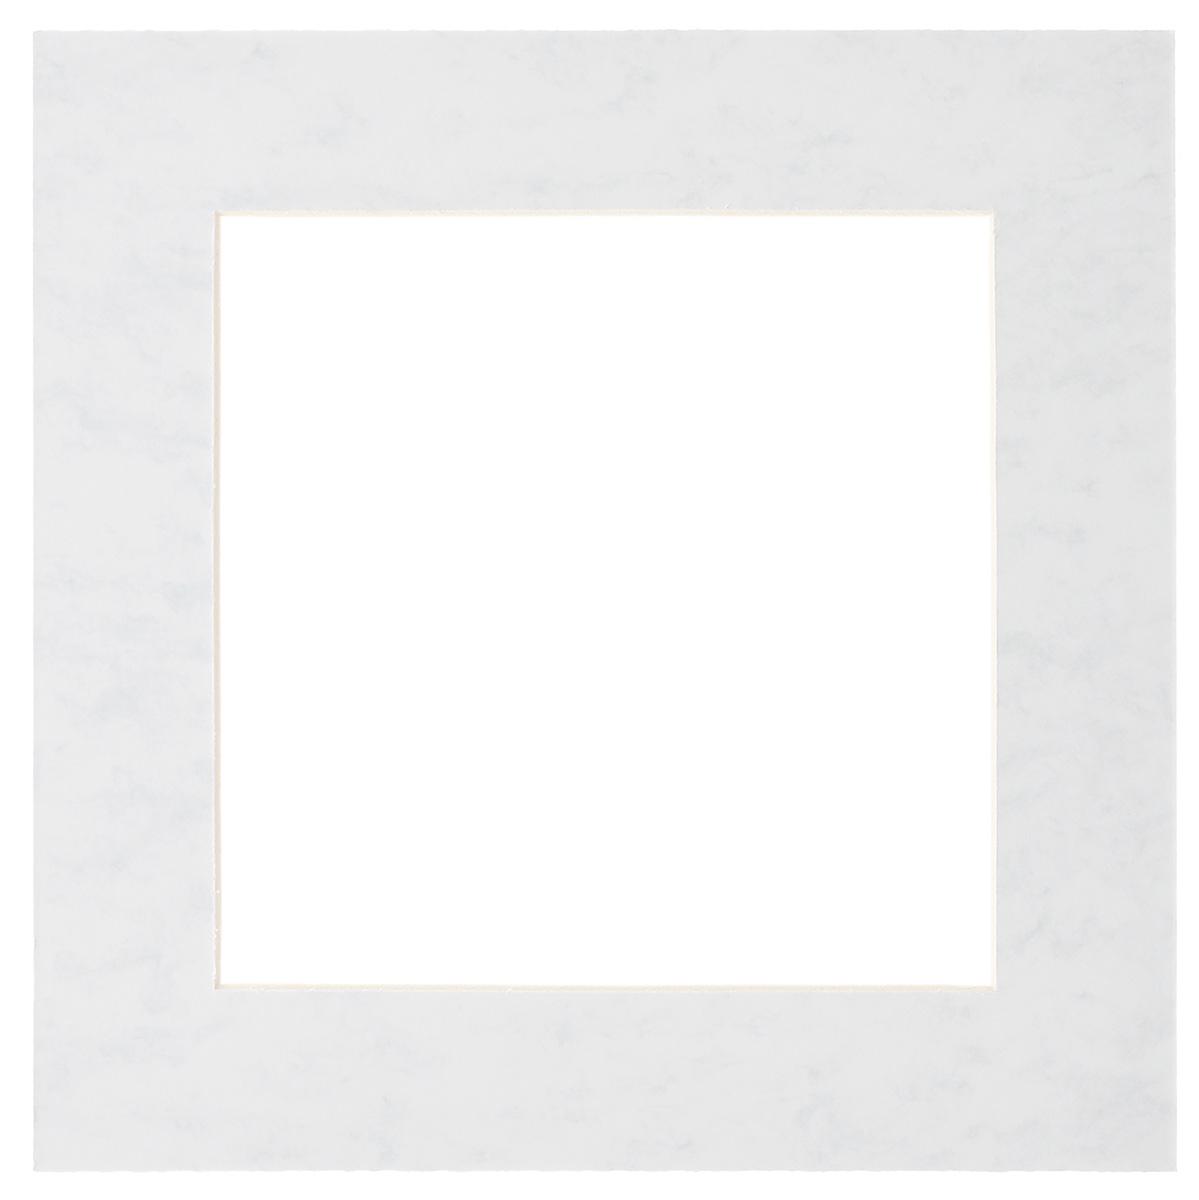 Паспарту Василиса, цвет: серо-голубой, 17 см х 17 см580640Паспарту Василиса, изготовленное из плотного картона, предназначено для оформления художественных работ и фотографий. Он располагается между багетной рамой и изображением, делая акцент на фотографии, усиливая ее визуальное восприятие. Кроме того, на паспарту часто располагают поясняющие подписи, автограф изображенного. Внешний размер: 25 см х 25 см. Внутренний размер: 17 см х 17 см.